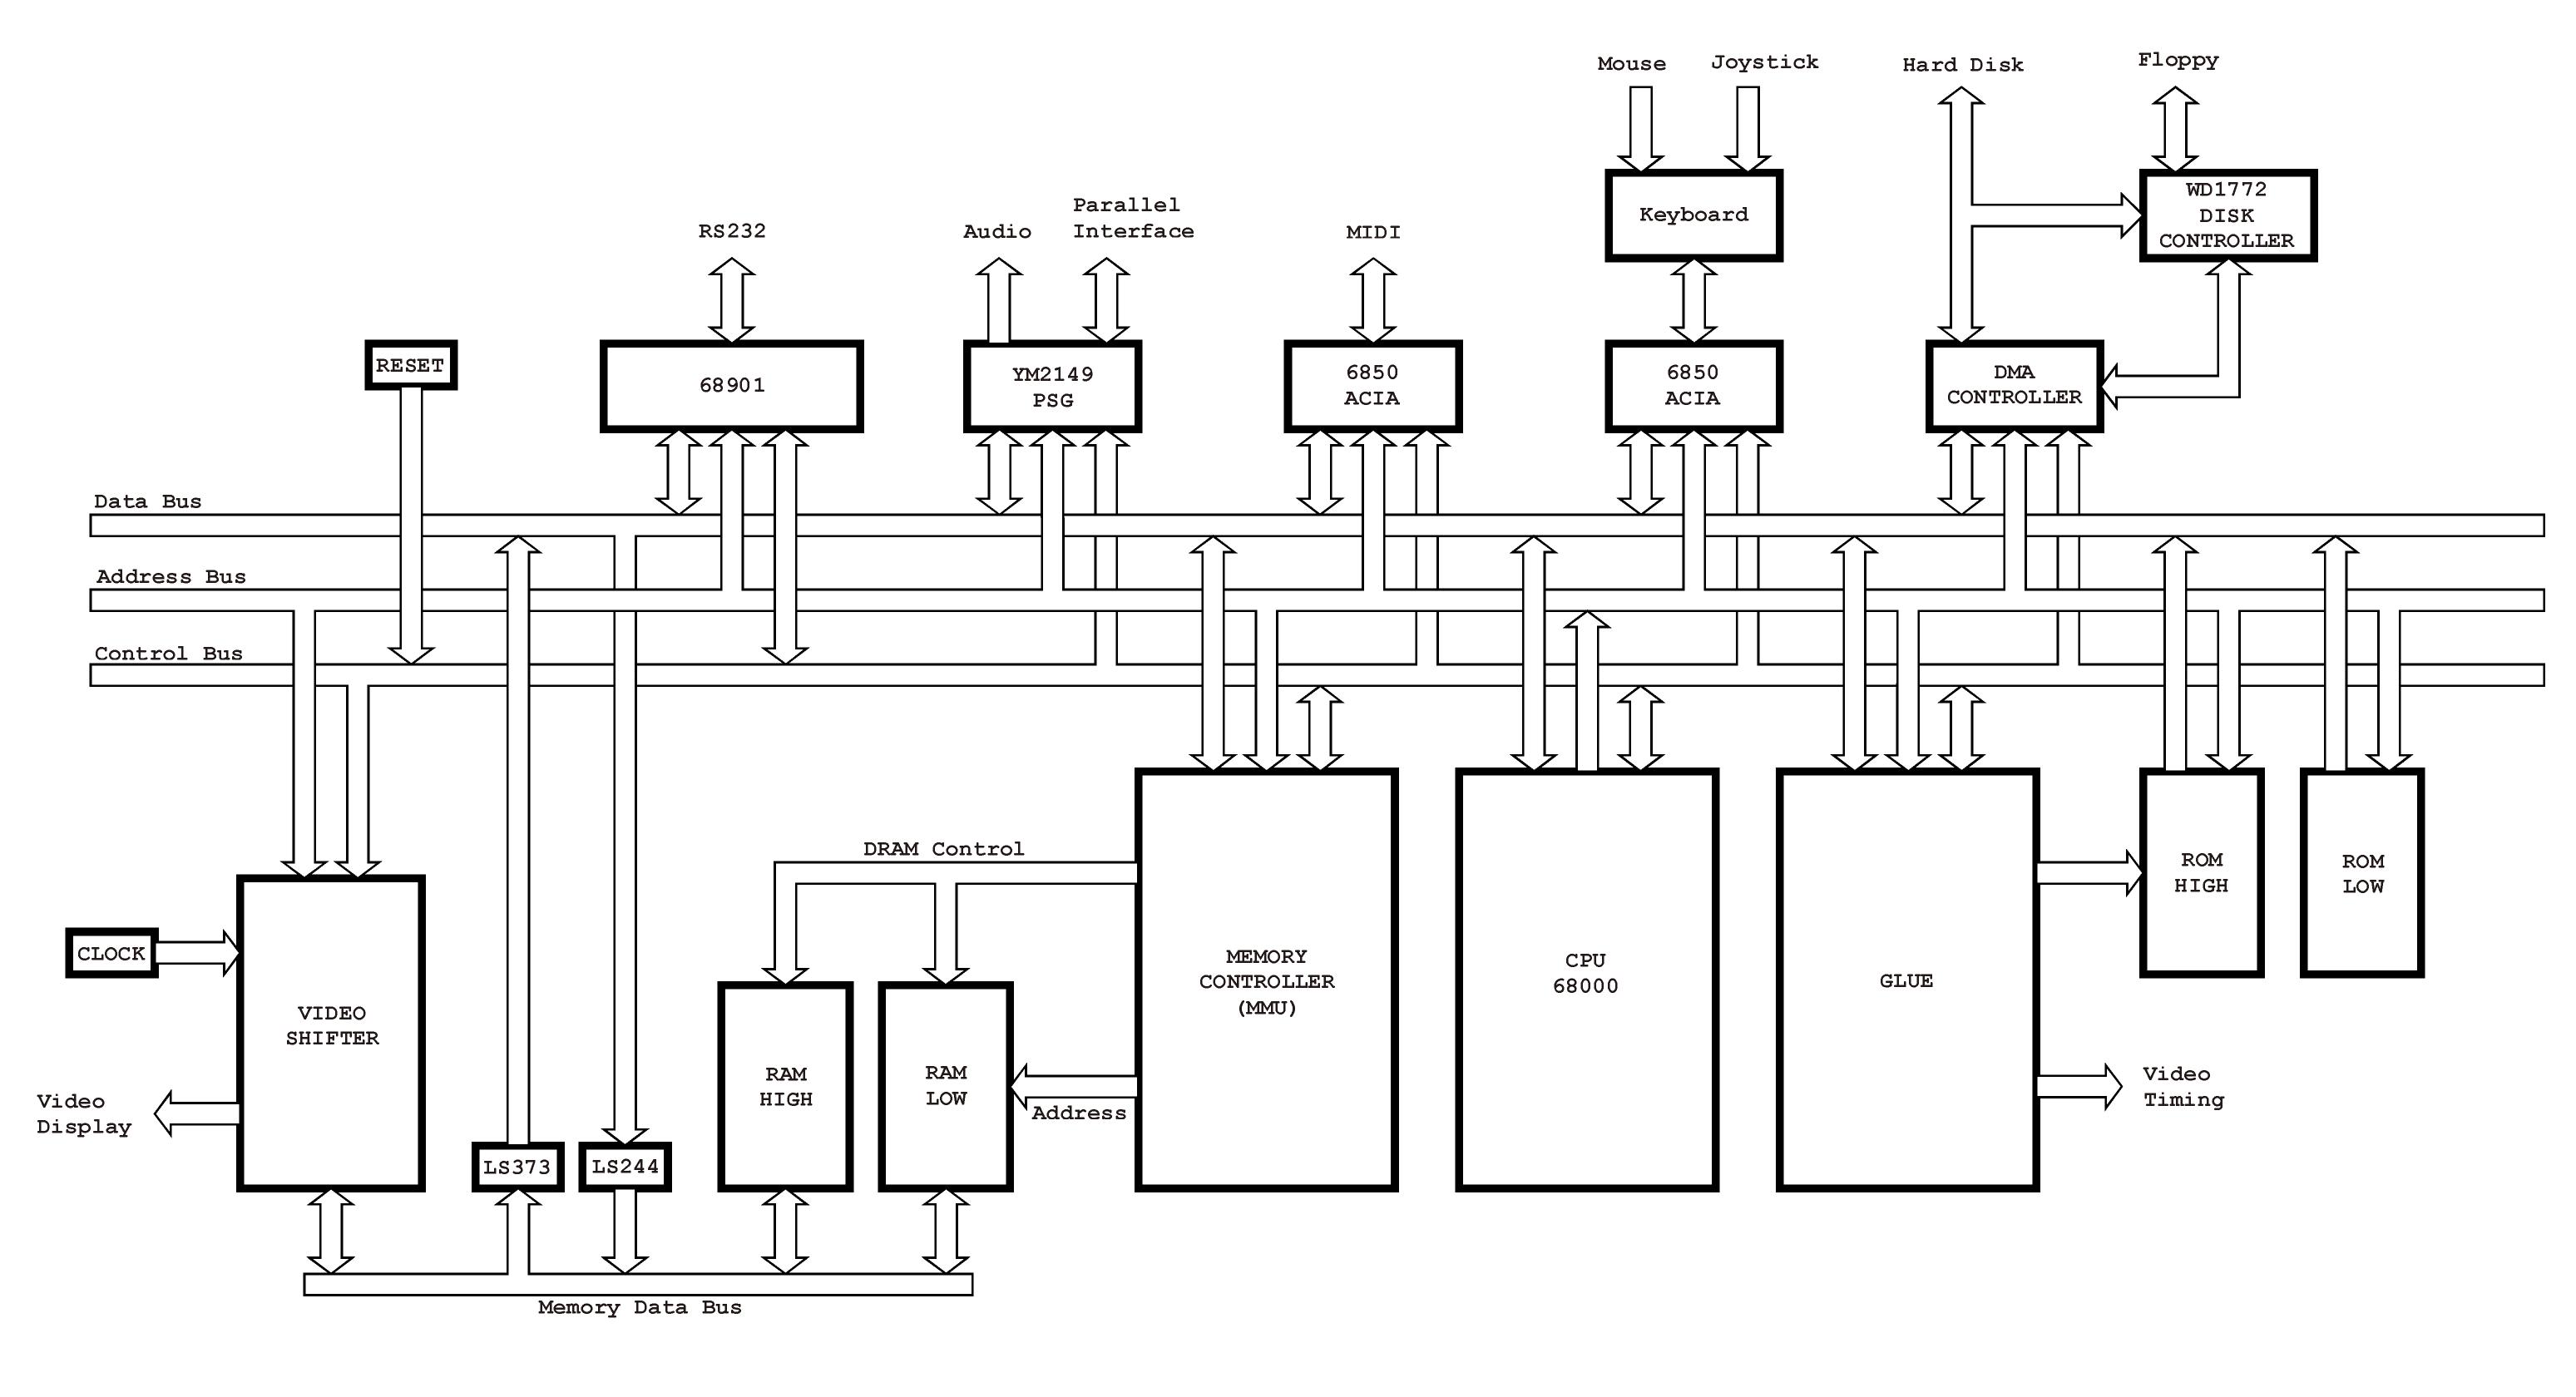 Diagnostic Block Diagrams